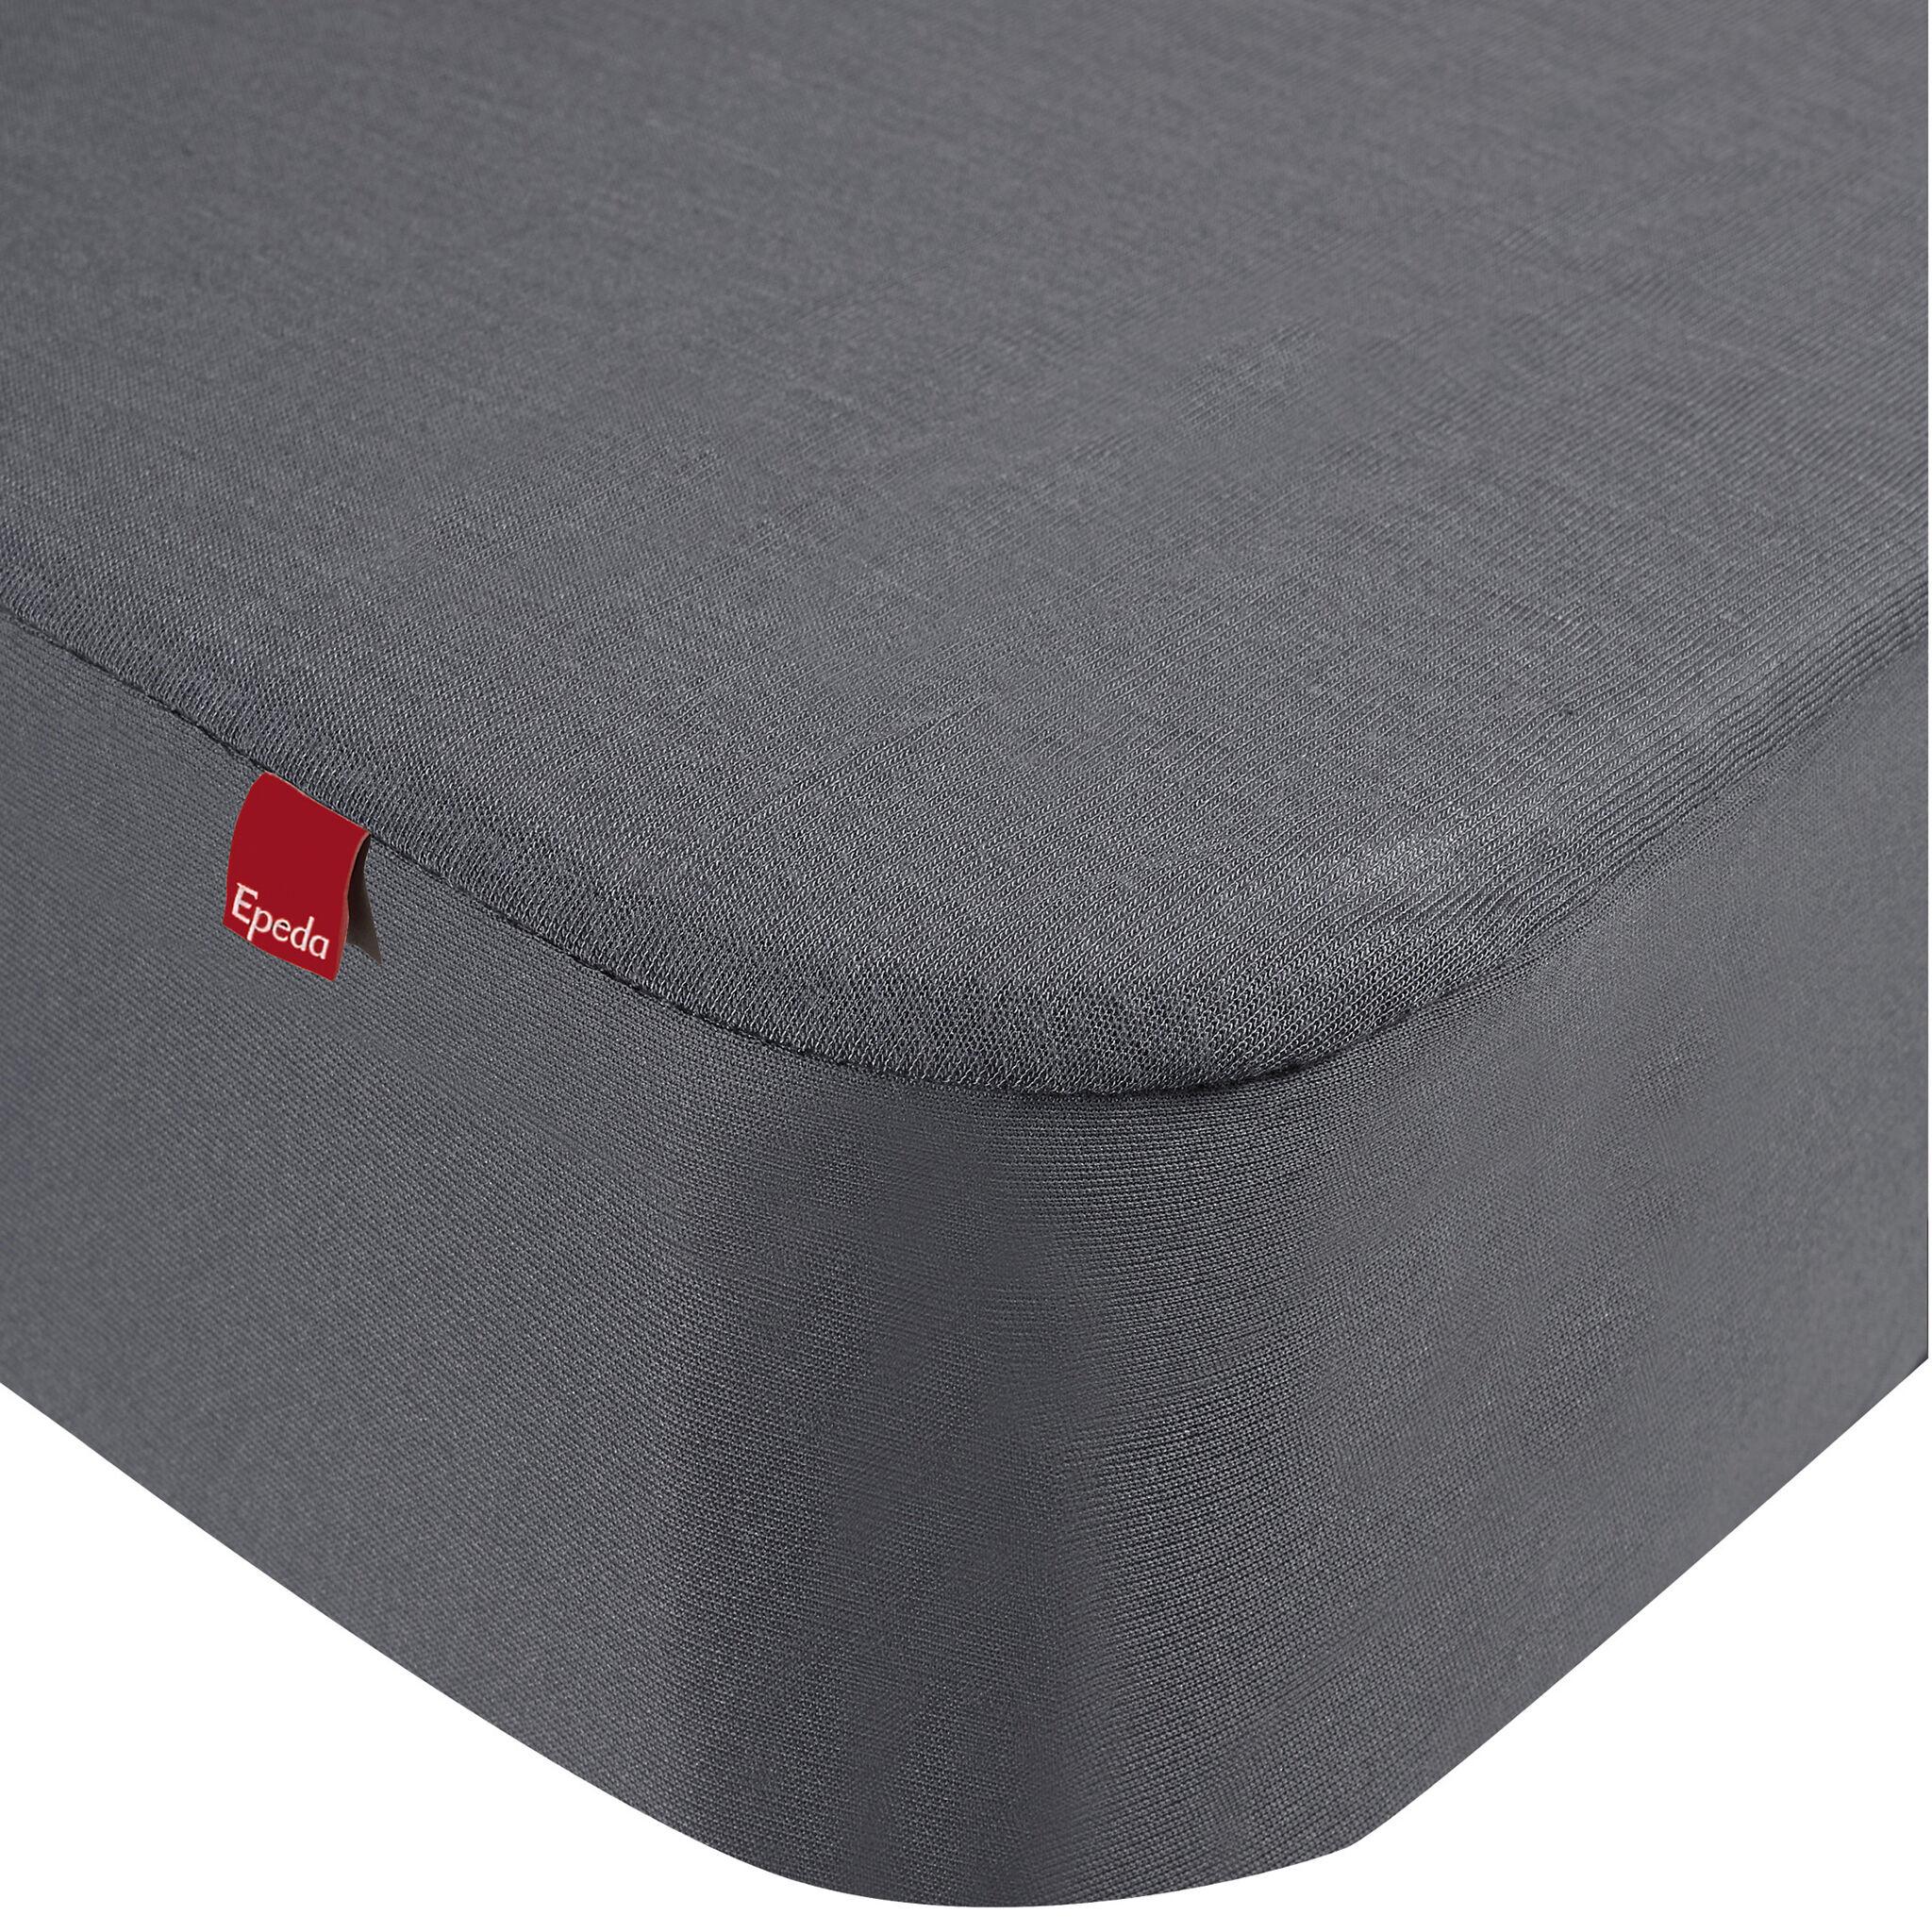 Epeda Drap housse protge matelas imperméable 2 en 1  gris 160x190/200